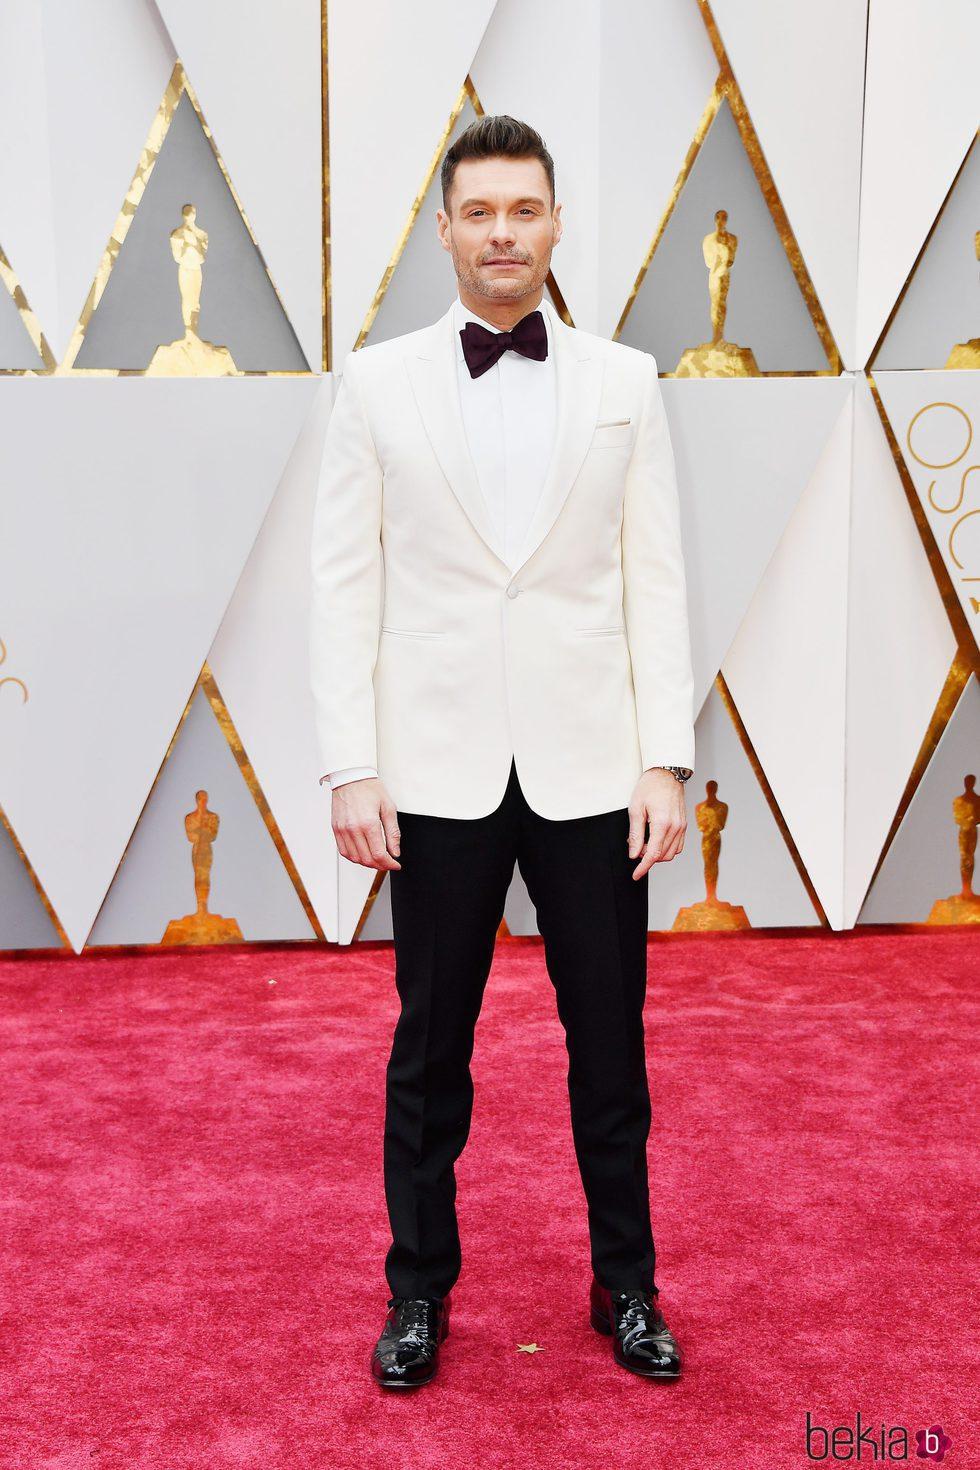 Ryan Seacrest en la alfombra roja de los Premios Oscar 2017